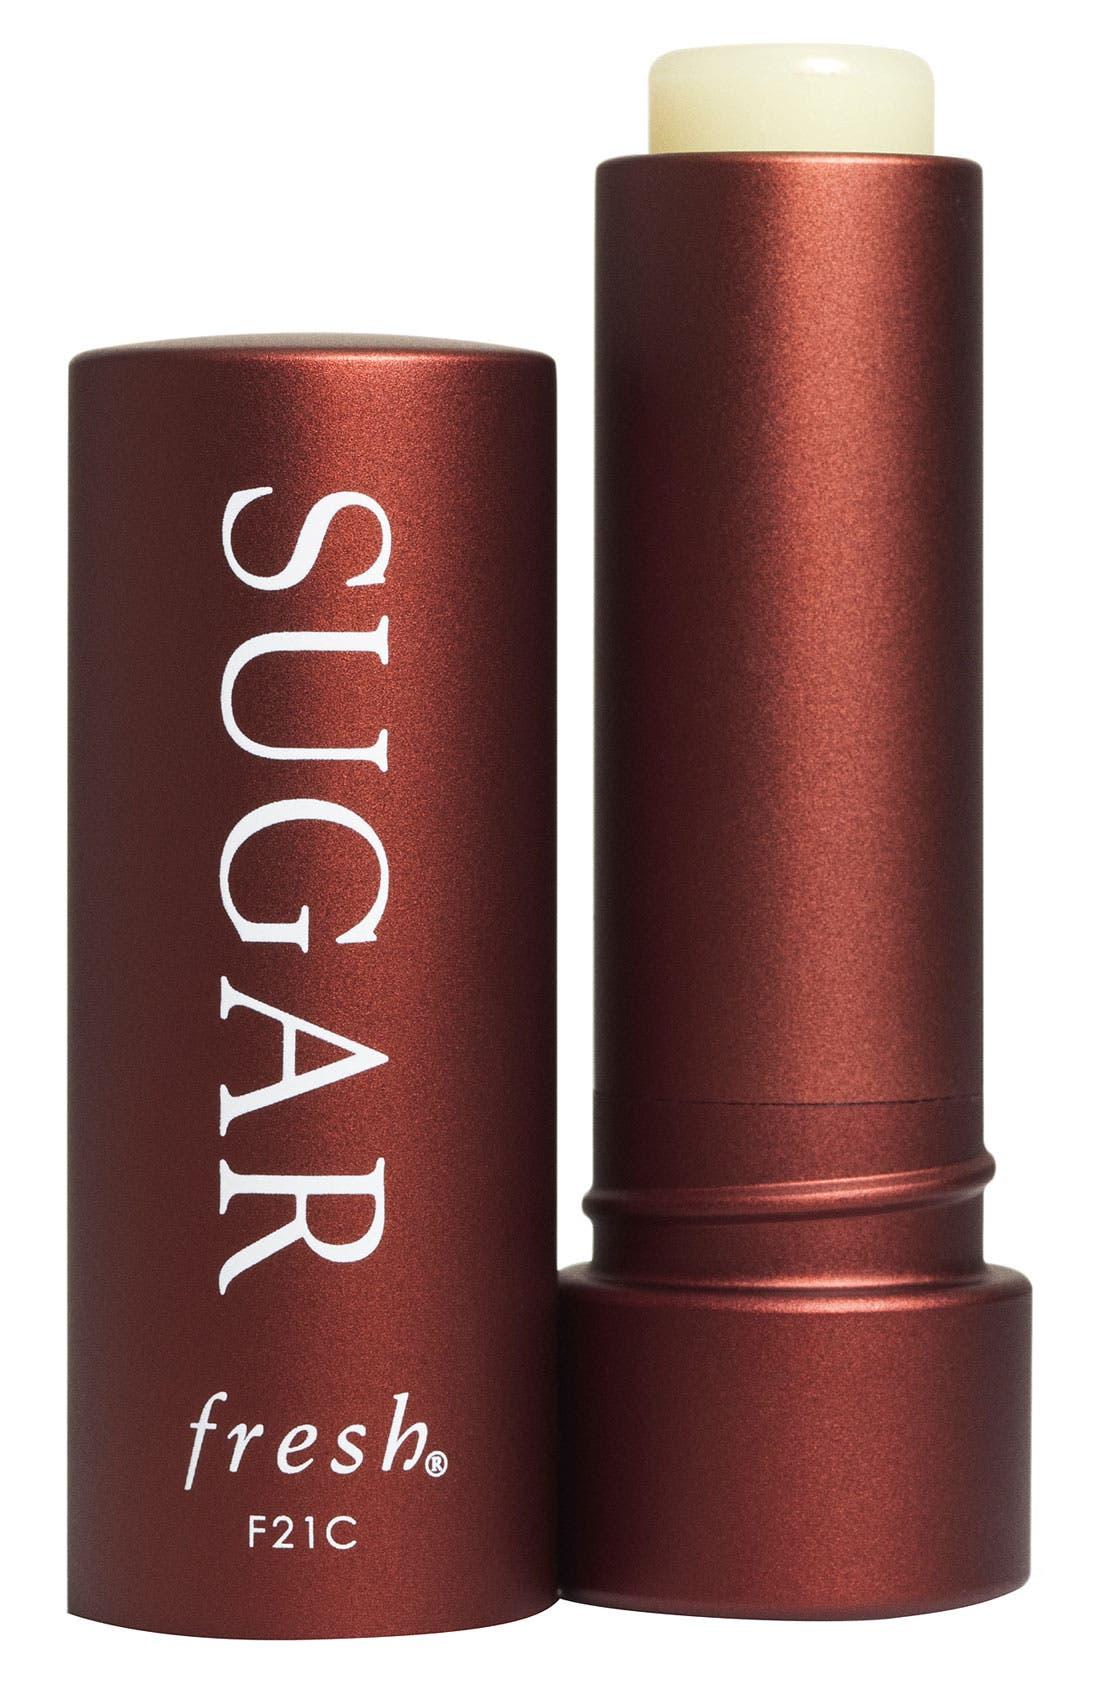 FRESH<SUP>®</SUP>, Sugar Lip Treatment SPF 15, Main thumbnail 1, color, NO COLOR